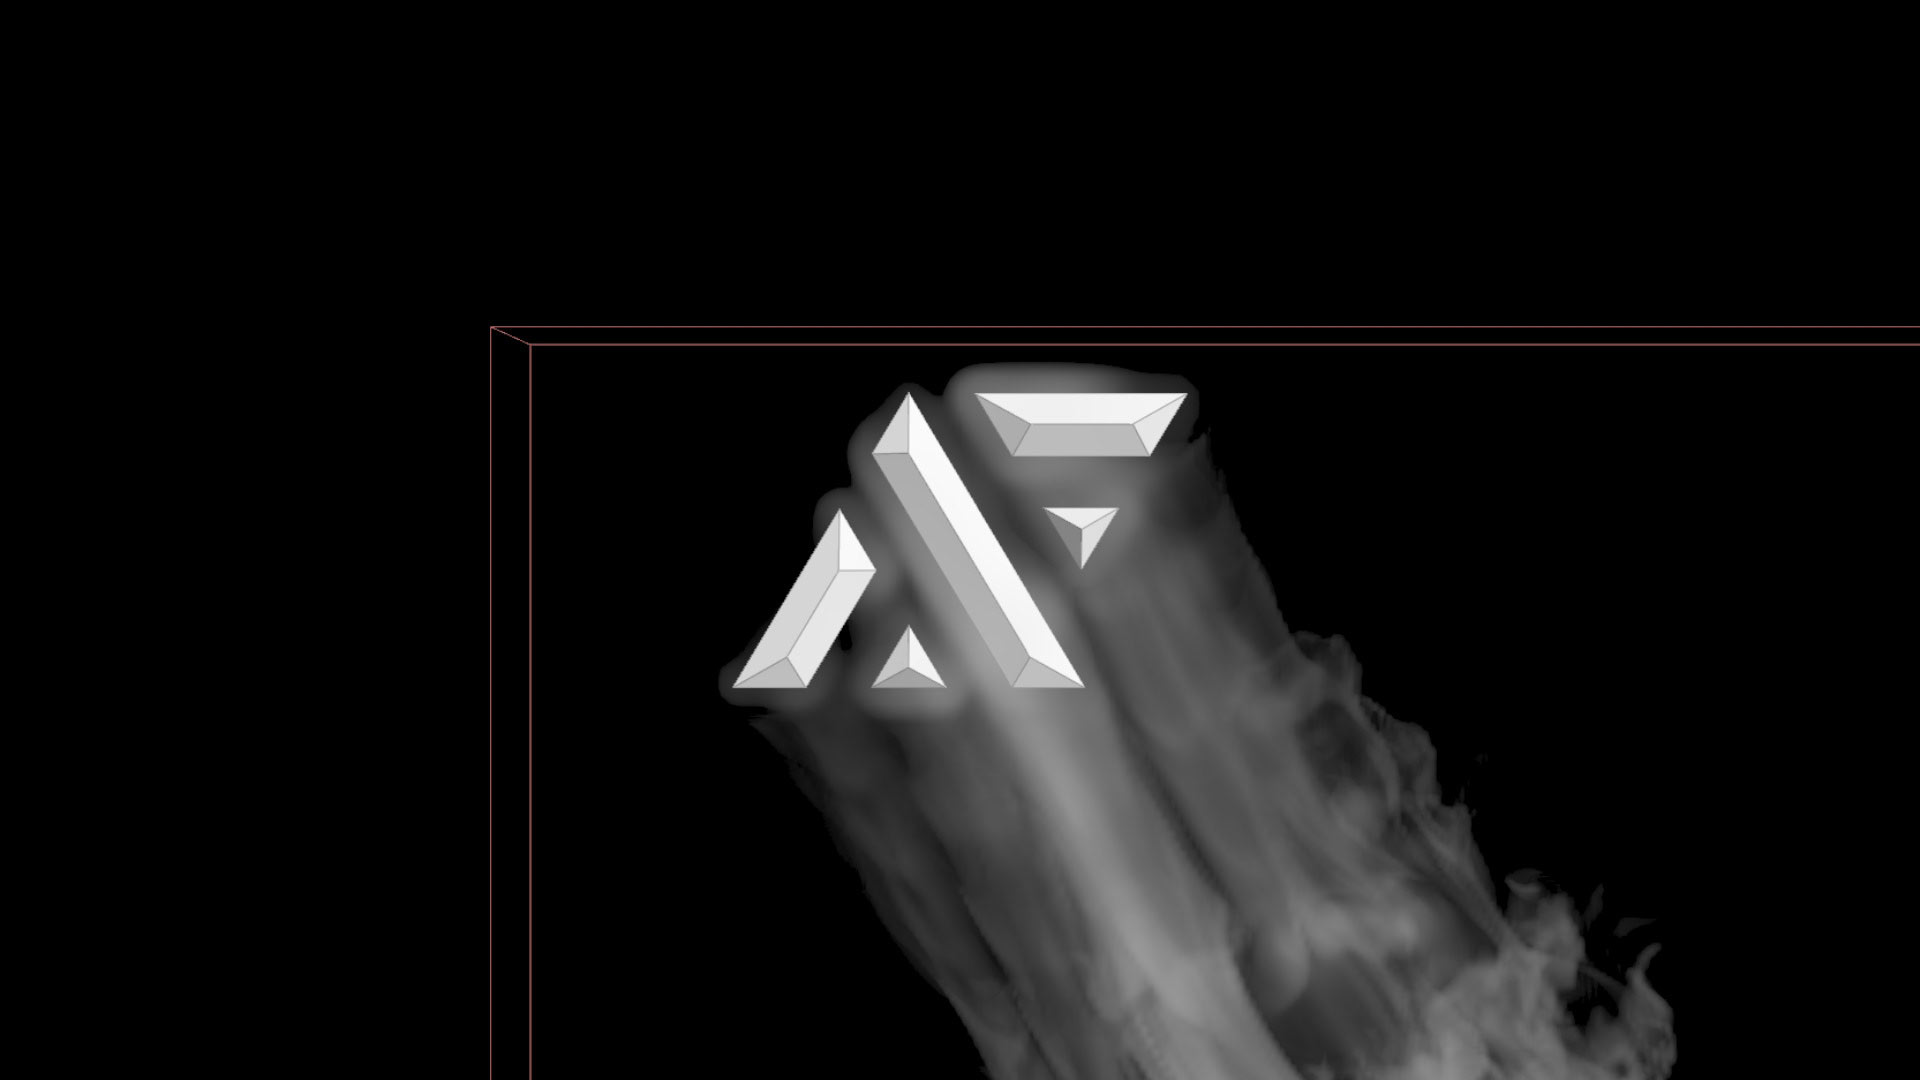 avantform_launch_reel_051_opt